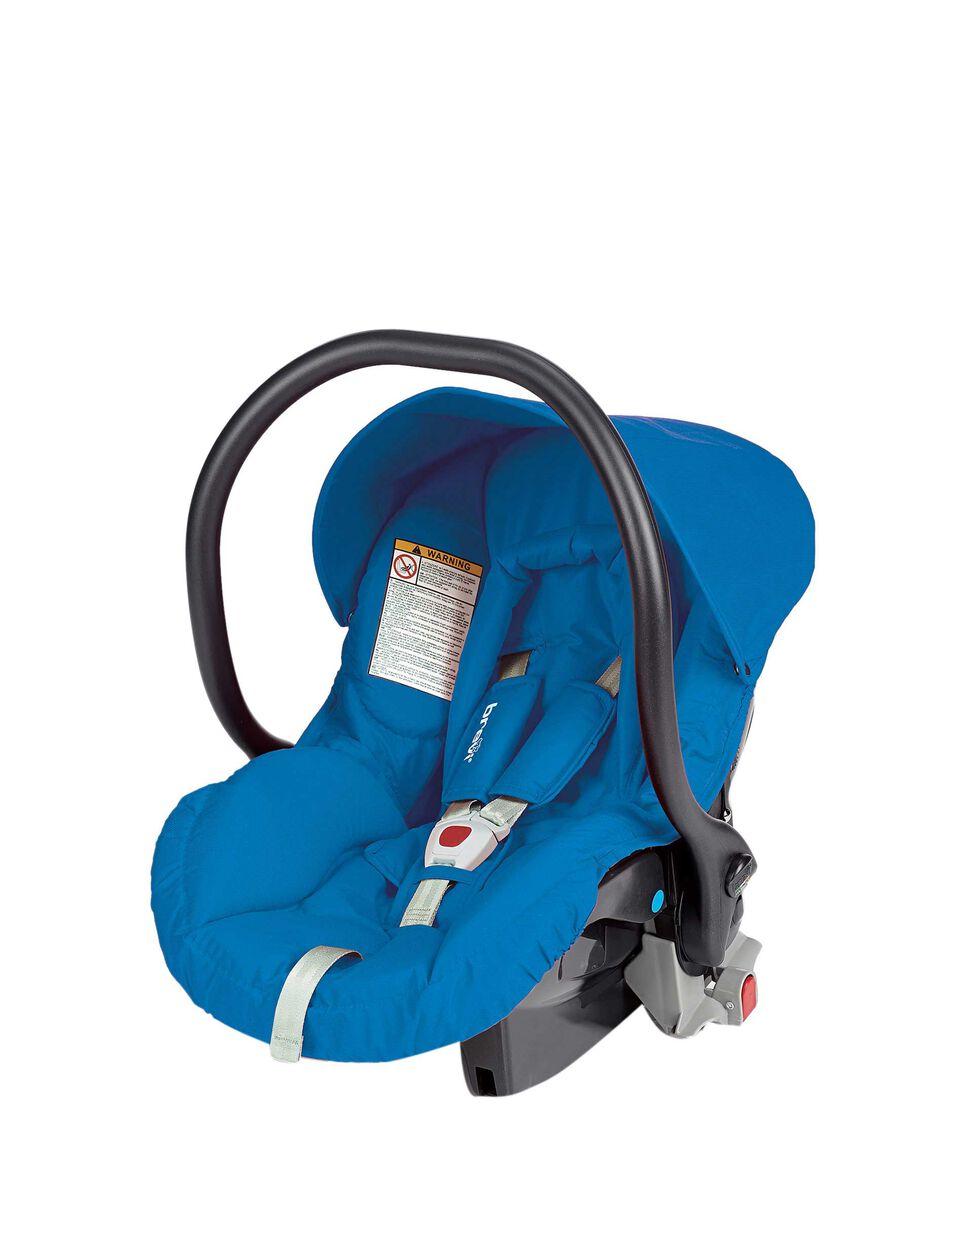 Cadeira Auto Gr 0+ Smart Grillo Brevi